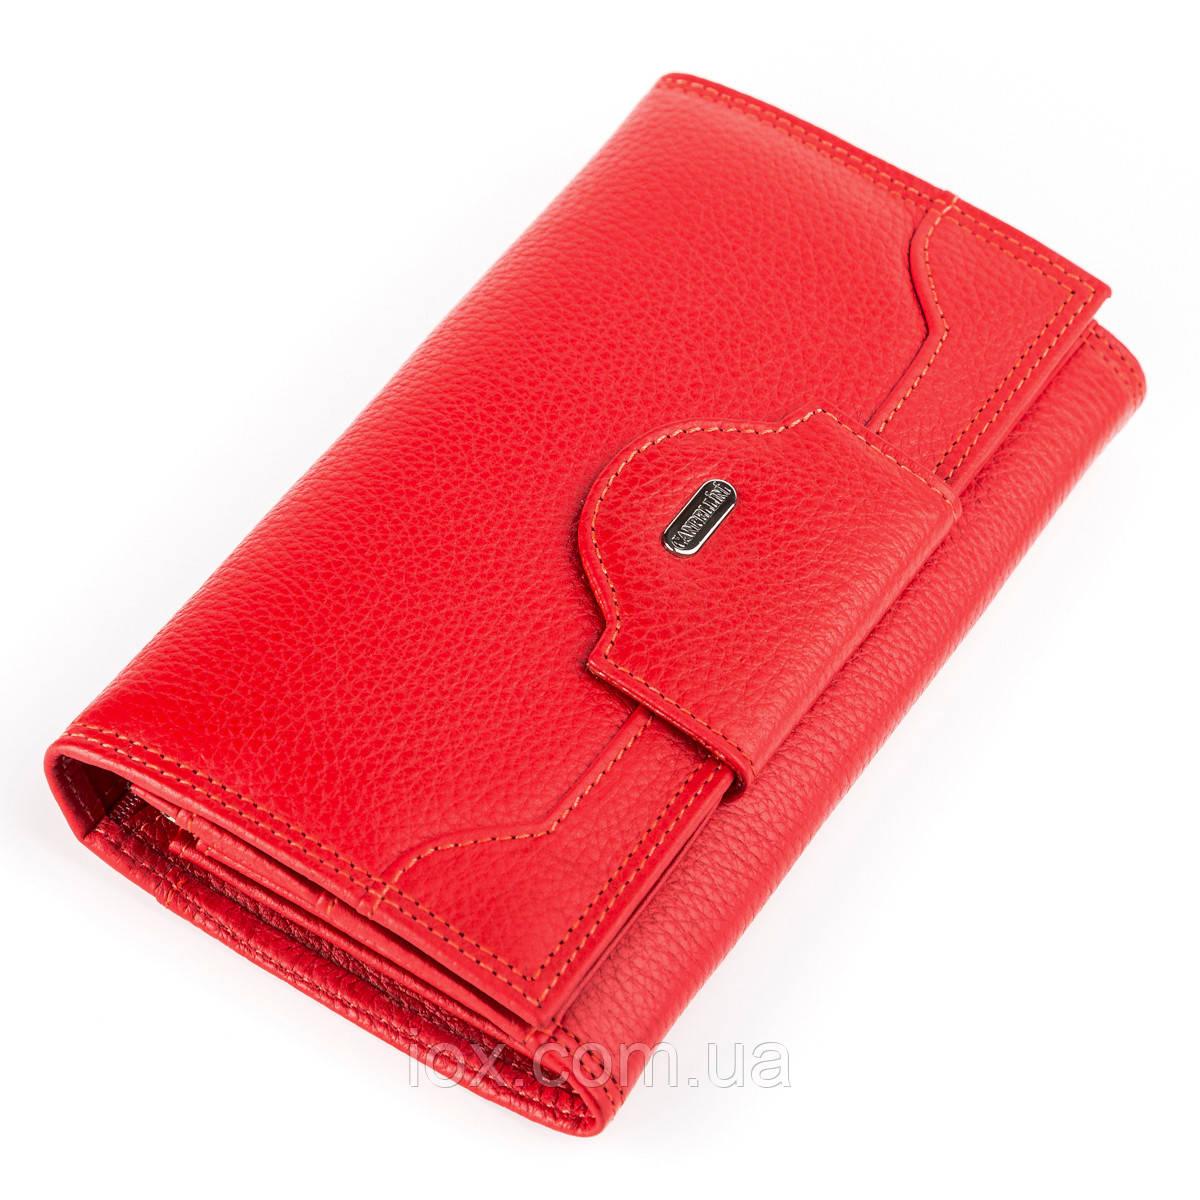 Кошелек женский CANPELLINI 17046 кожаный Красный